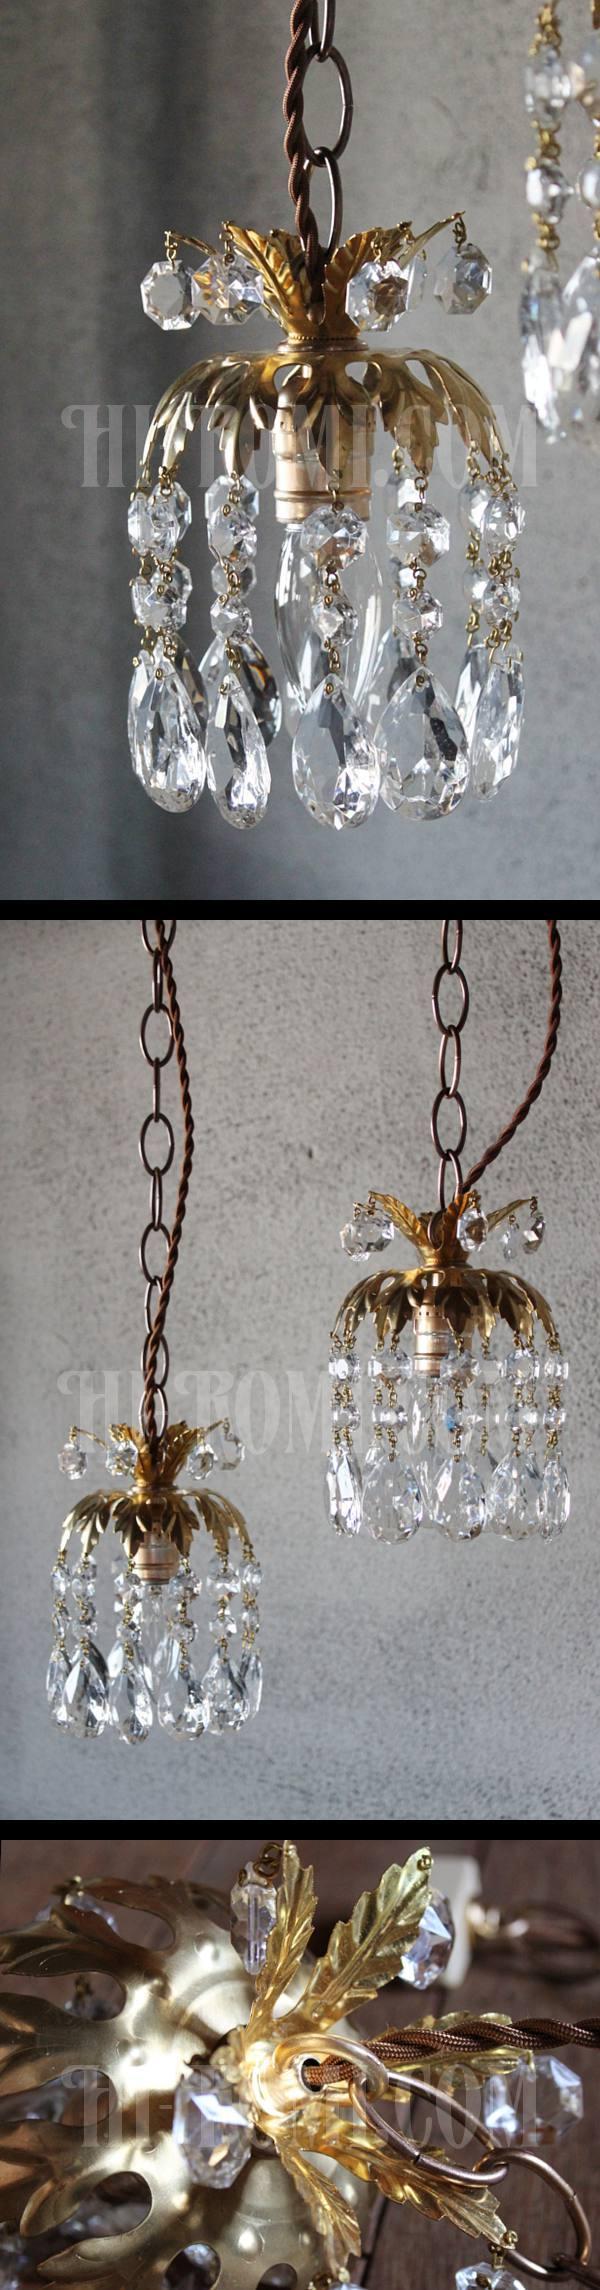 ヴィンテージ真鍮製フラワー飾りのプリズム1灯ペンダントランプ/アンティークシャンデリア照明